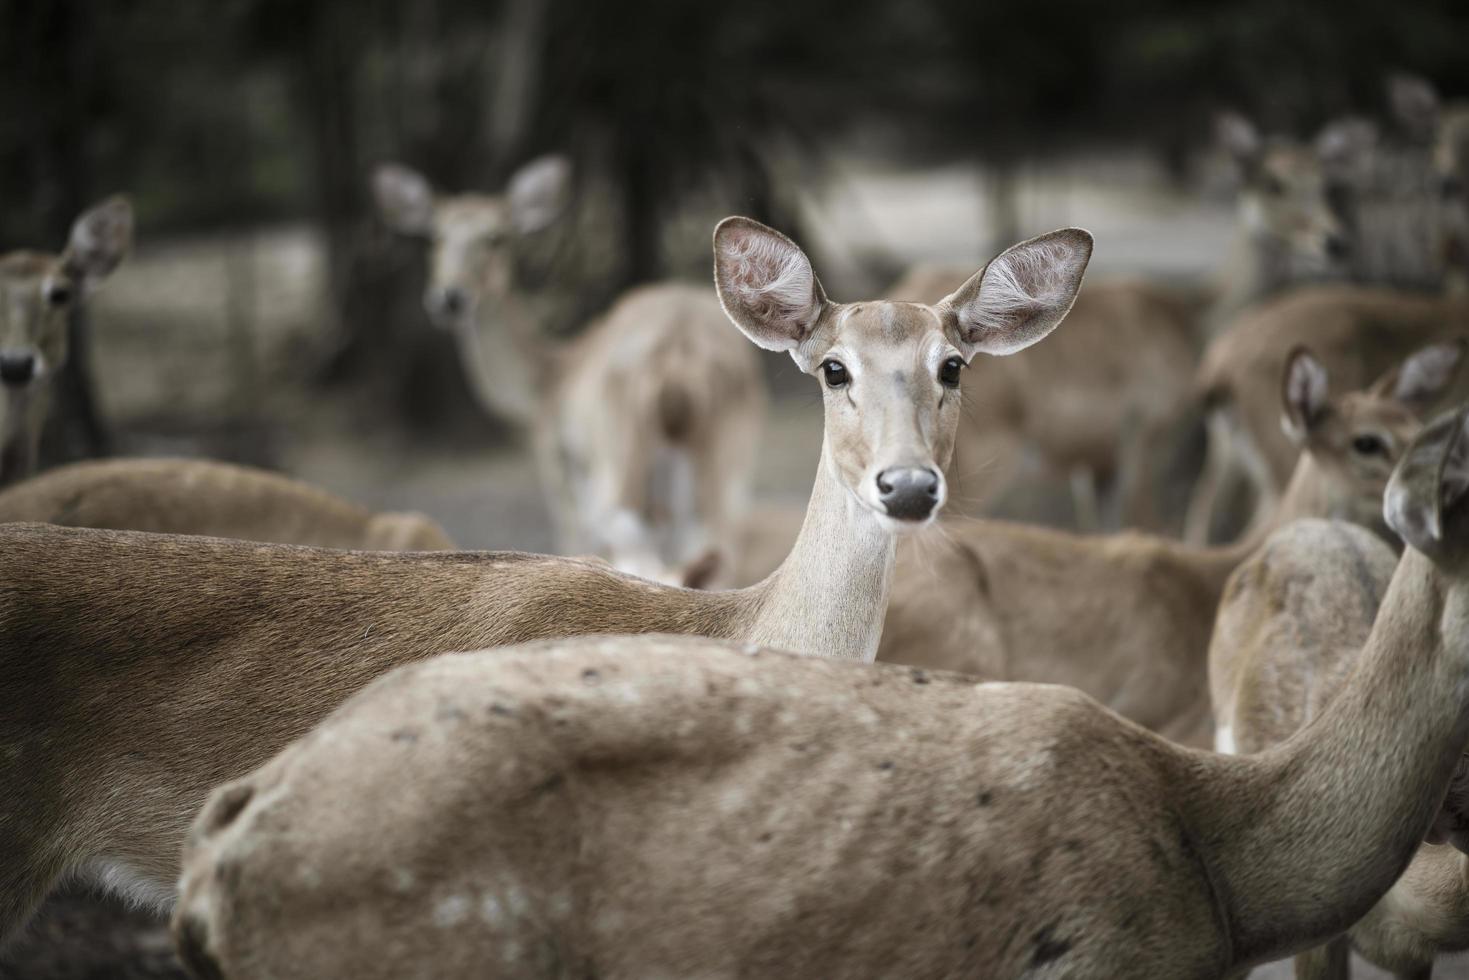 närbild av hjortflock foto